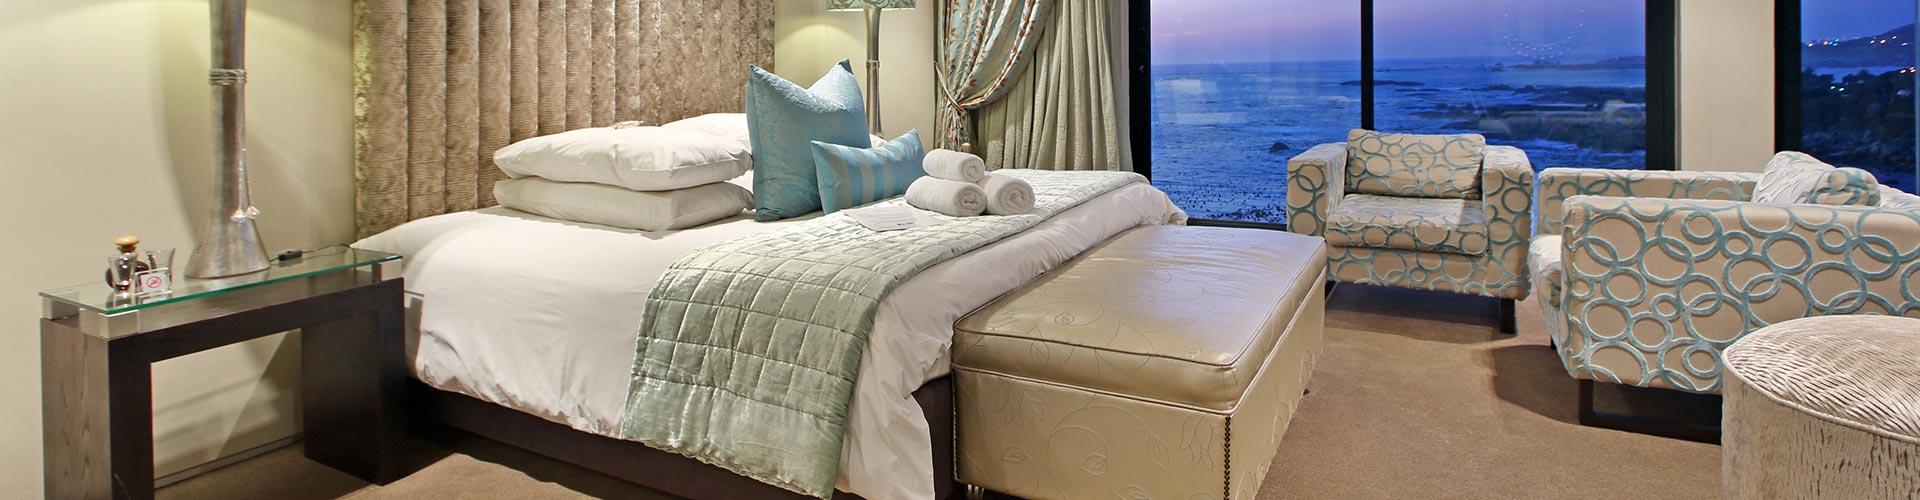 Seahorse Luxury Suite